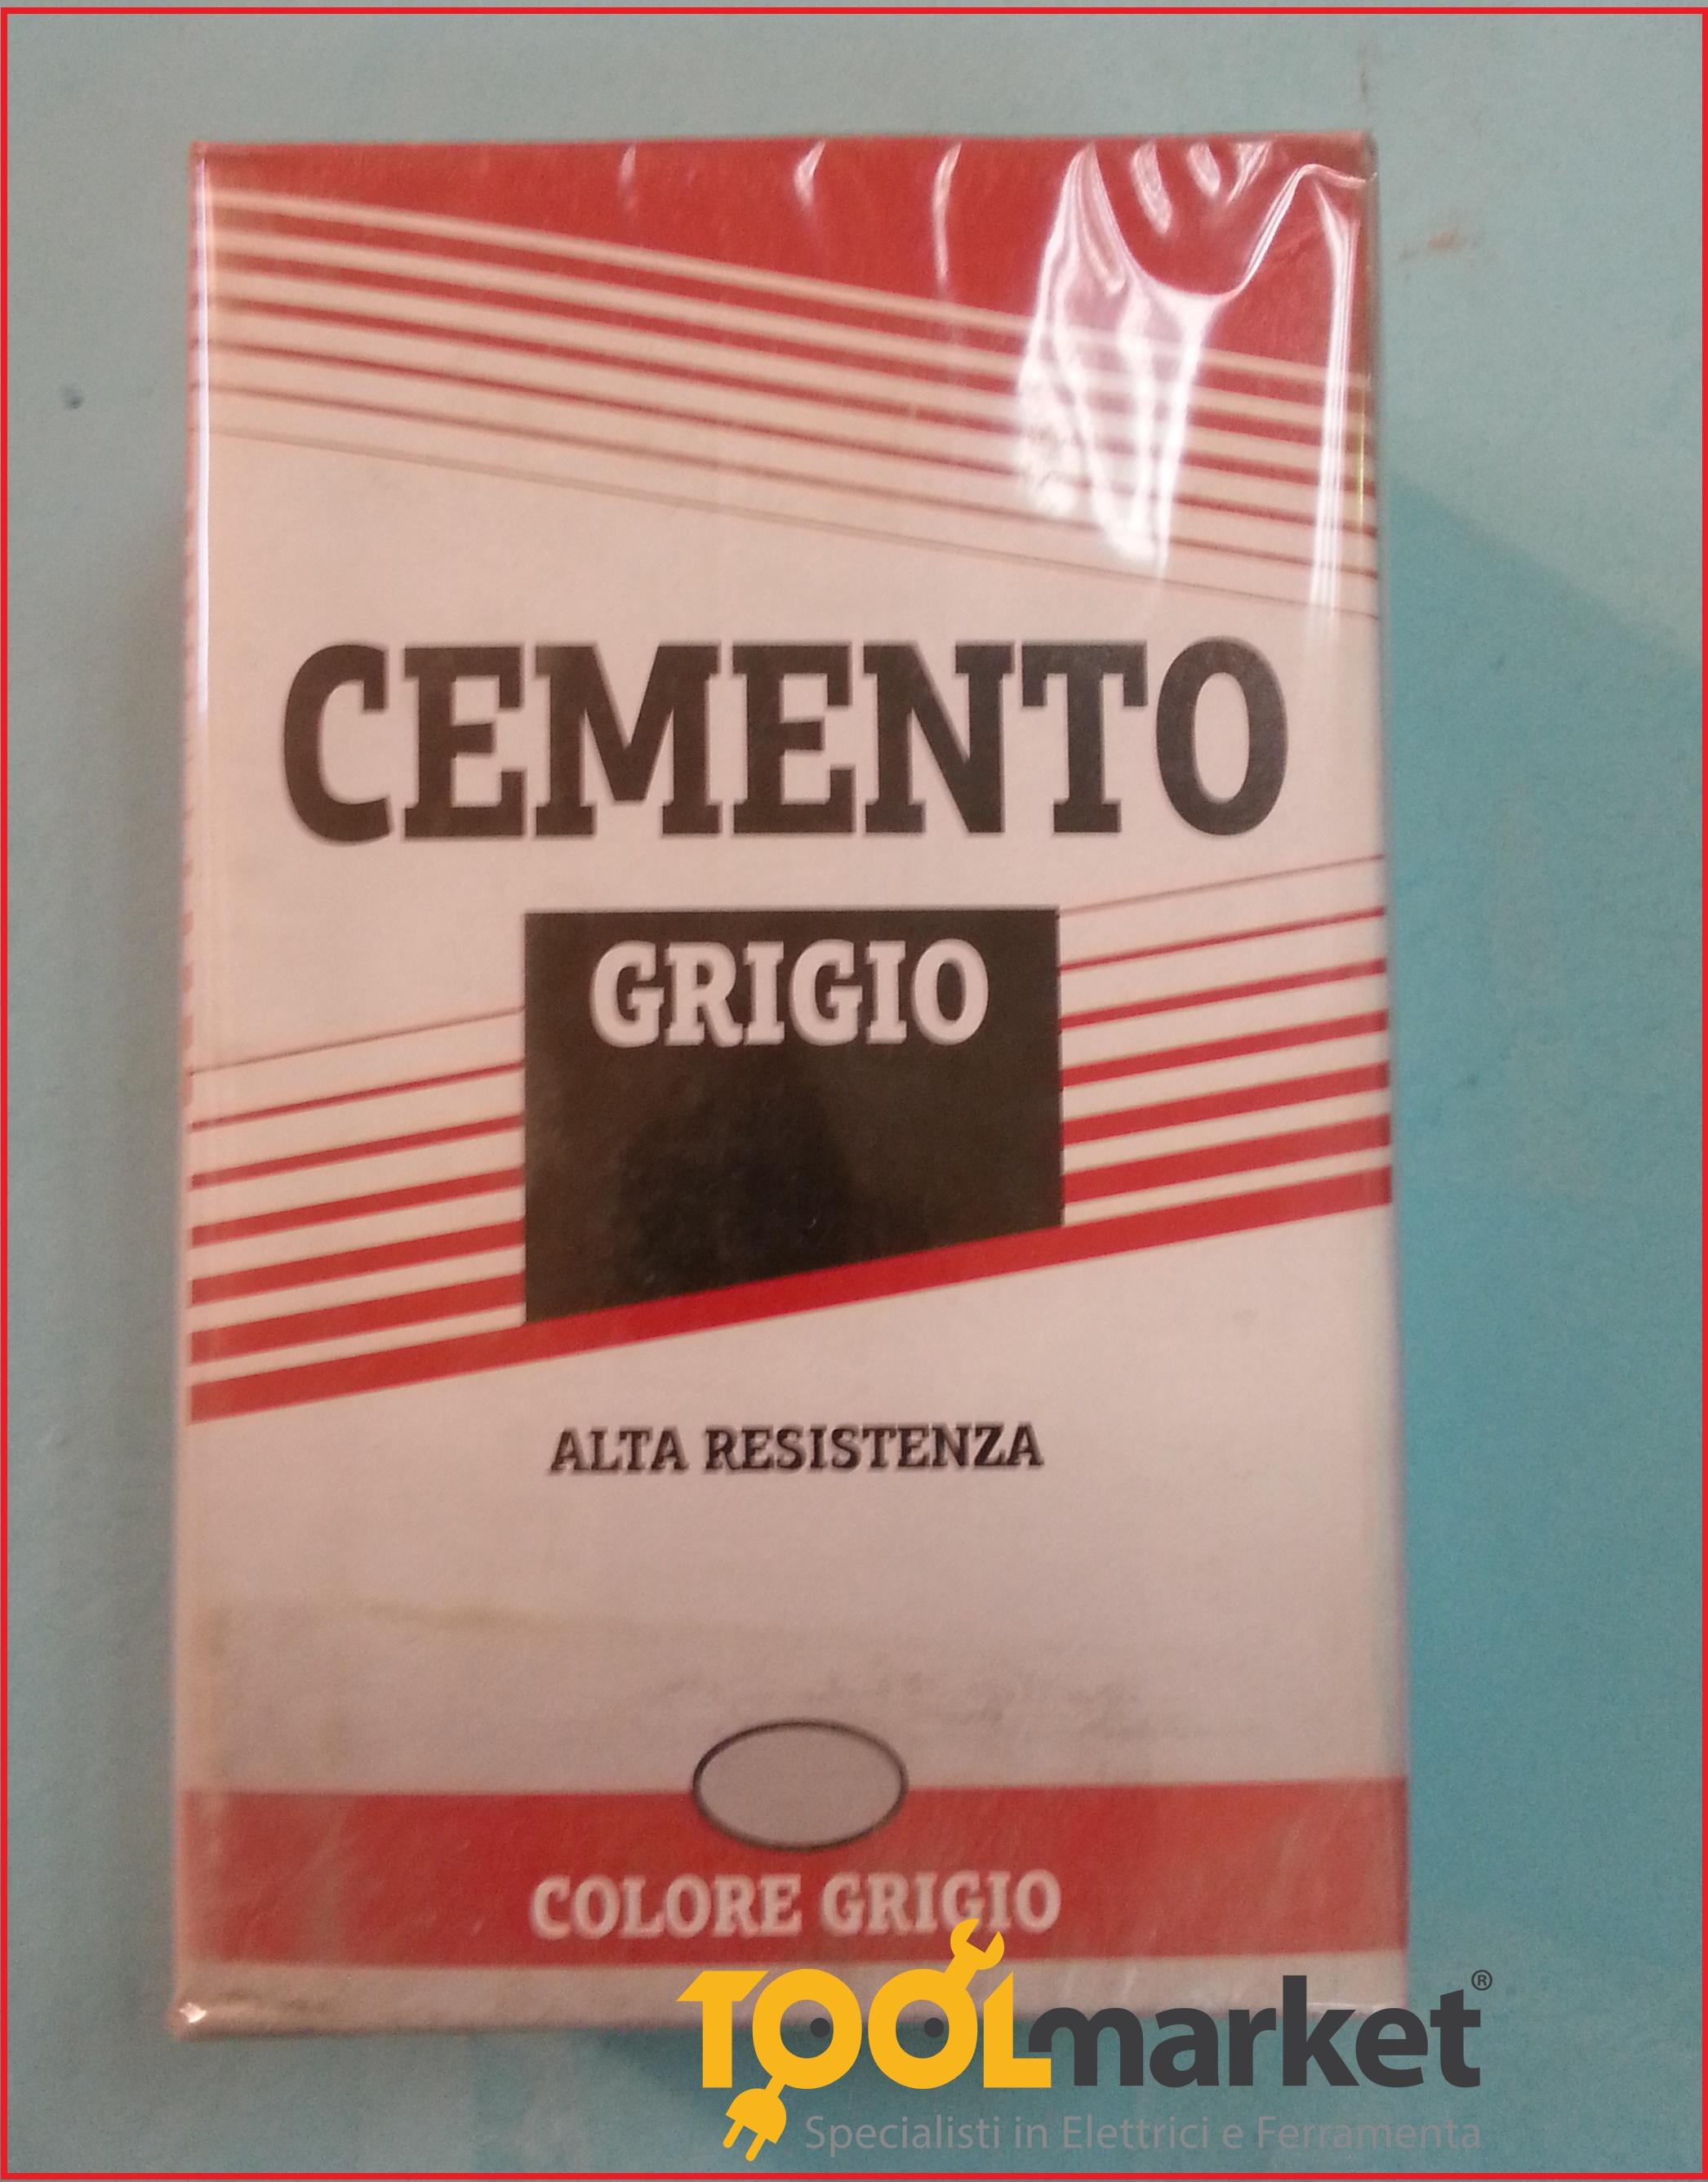 Cemento grigio in polvere kg 1